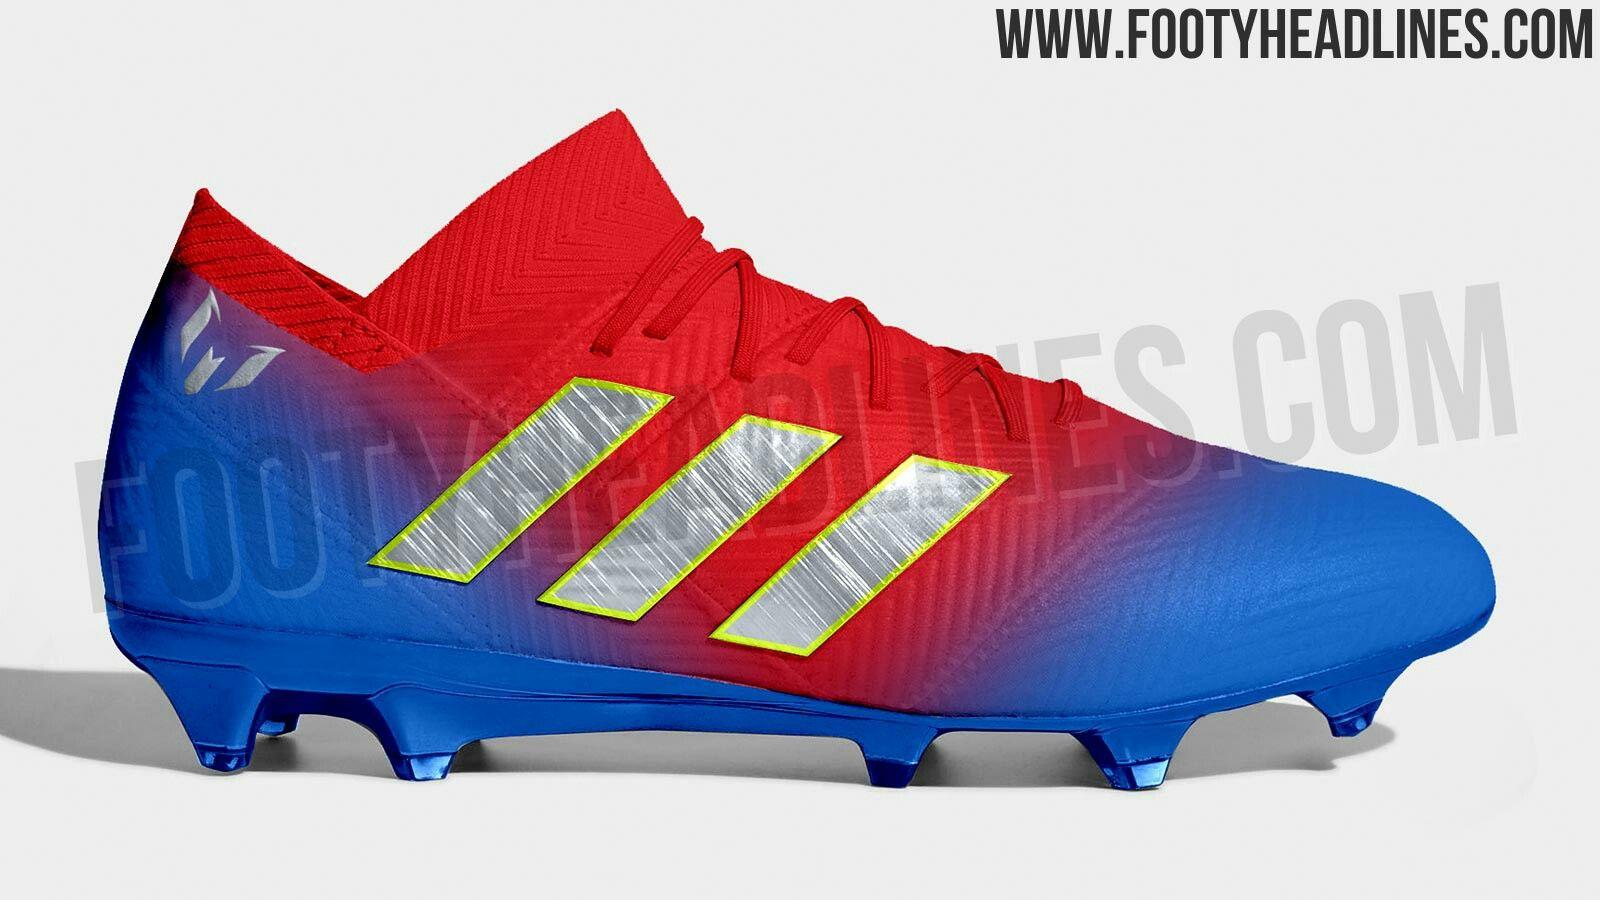 Adidas Nemeziz Messi 18+  Initiator Pack  2018-2019  f569fb87efd70